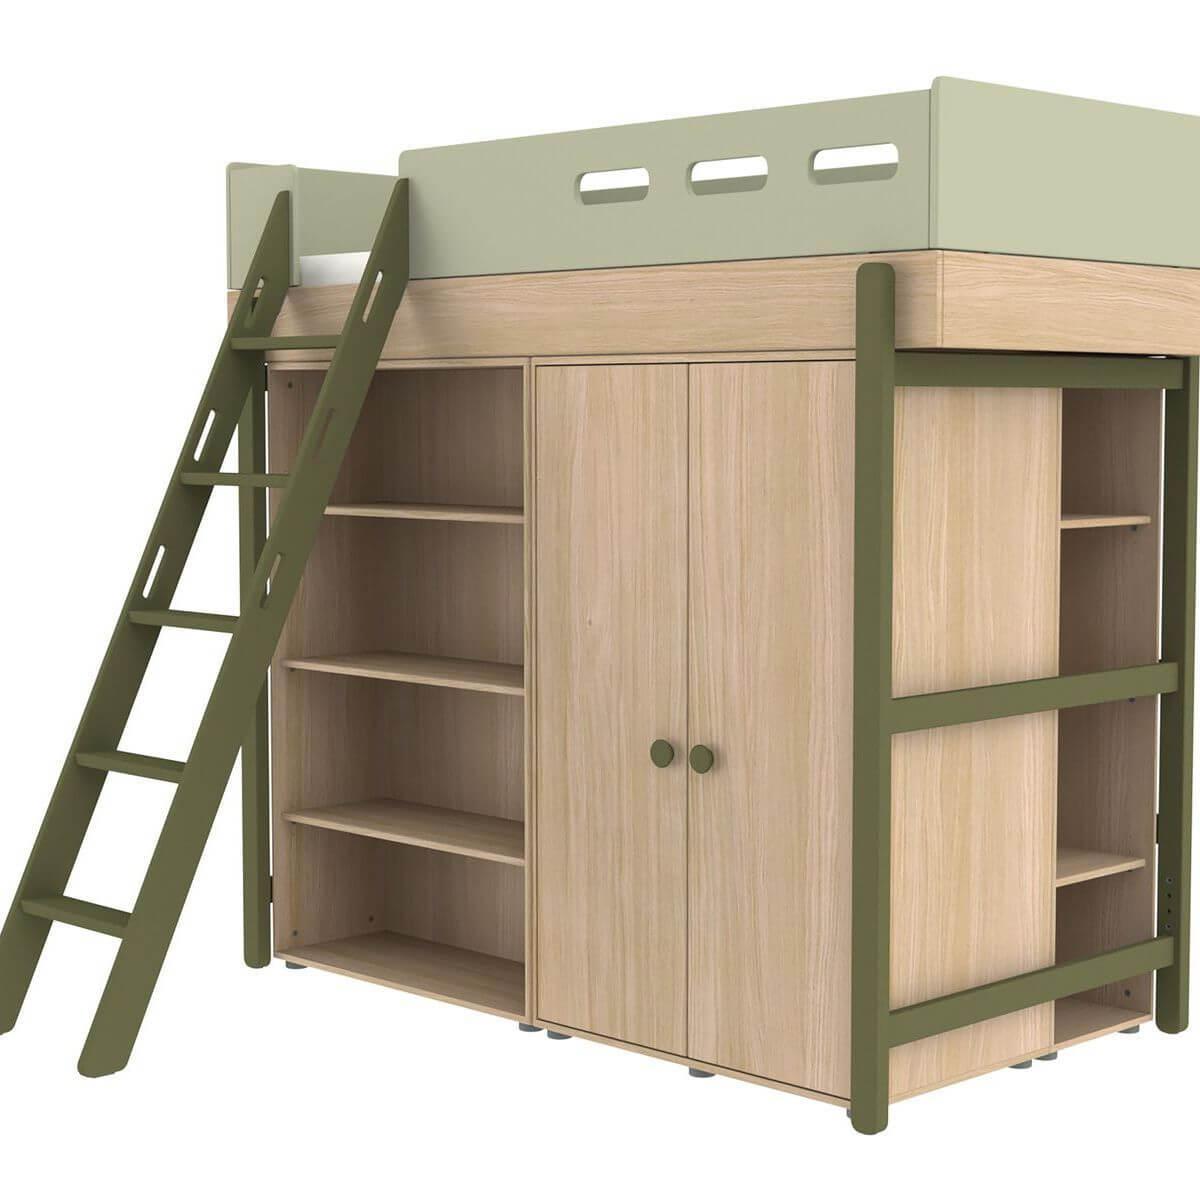 Lit évolutif mezzanine 90x200cm POPSICLE Flexa chêne-kiwi